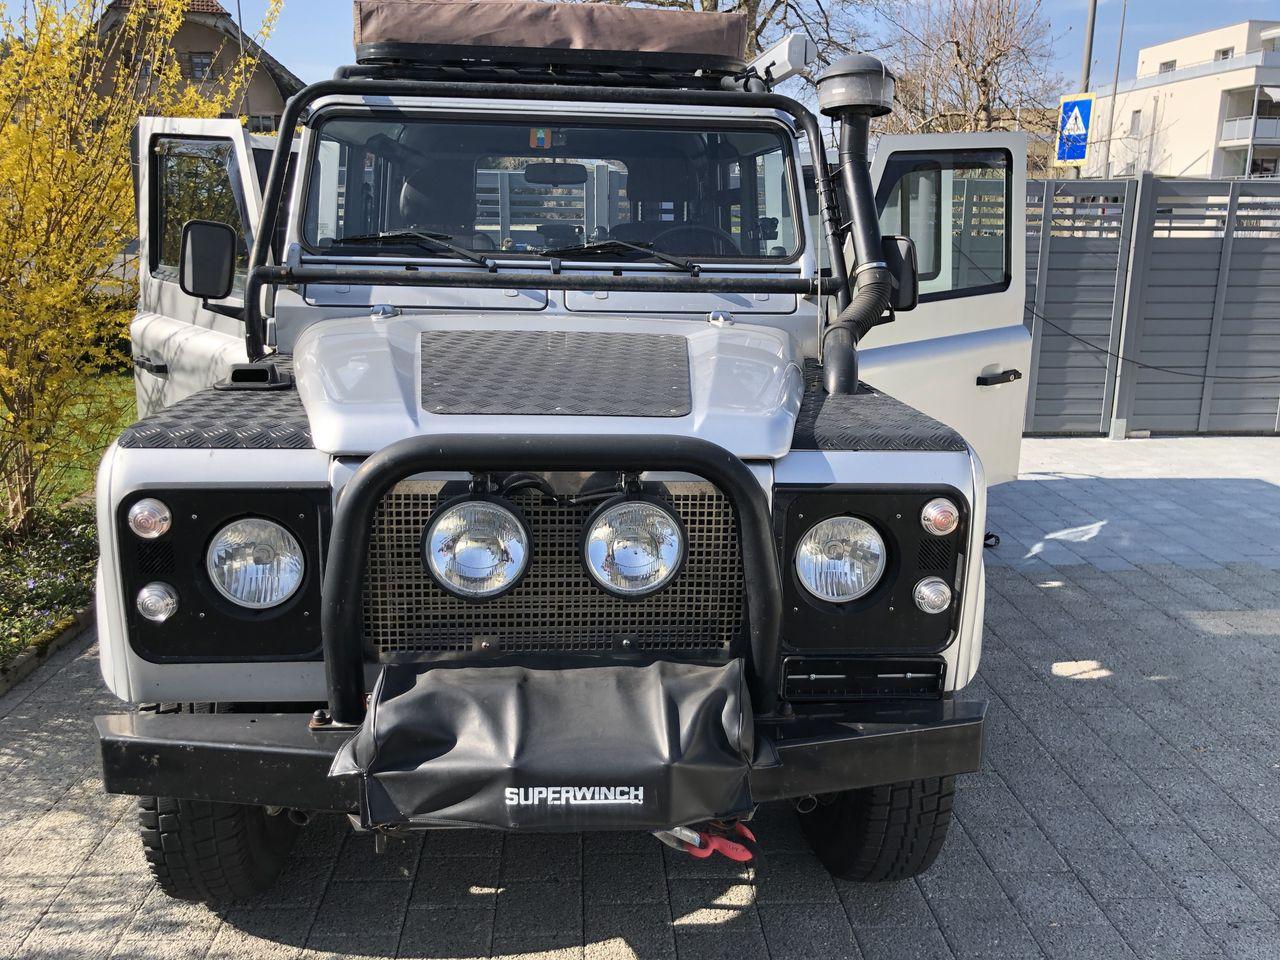 4x4schweiz Marktplatz Reisefertiger Land Rover Defender Mit